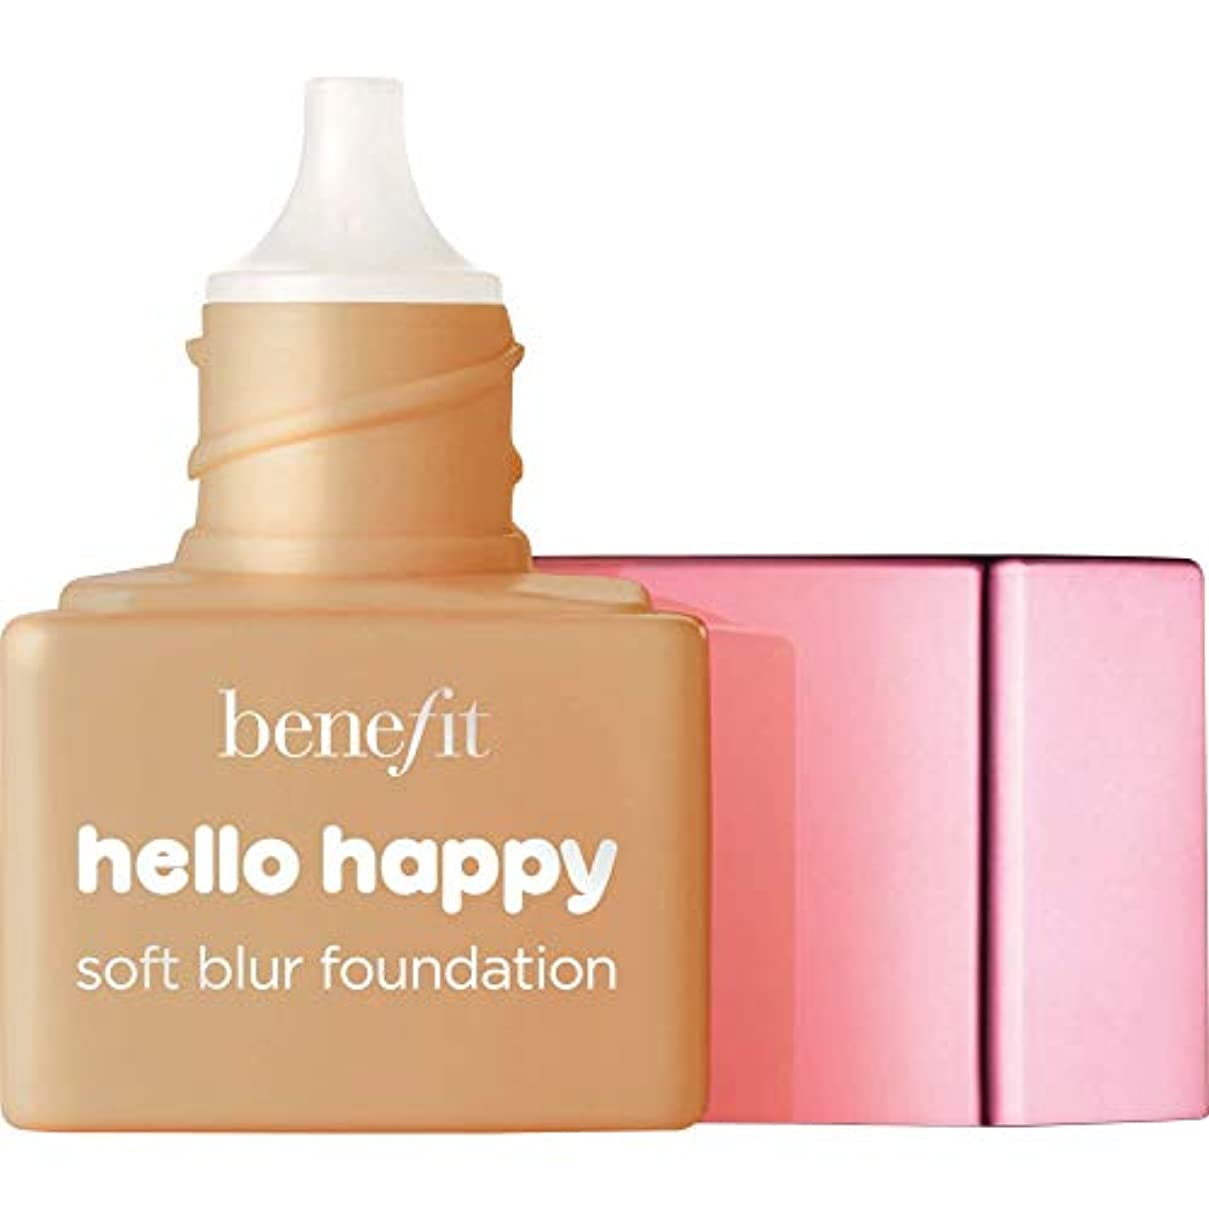 朝の体操をするラオス人[Benefit] ミニ6 - - こんにちは幸せソフトブラー基礎Spf15の6ミリリットルの利益温培地 - Benefit Hello Happy Soft Blur Foundation SPF15 6ml - Mini...